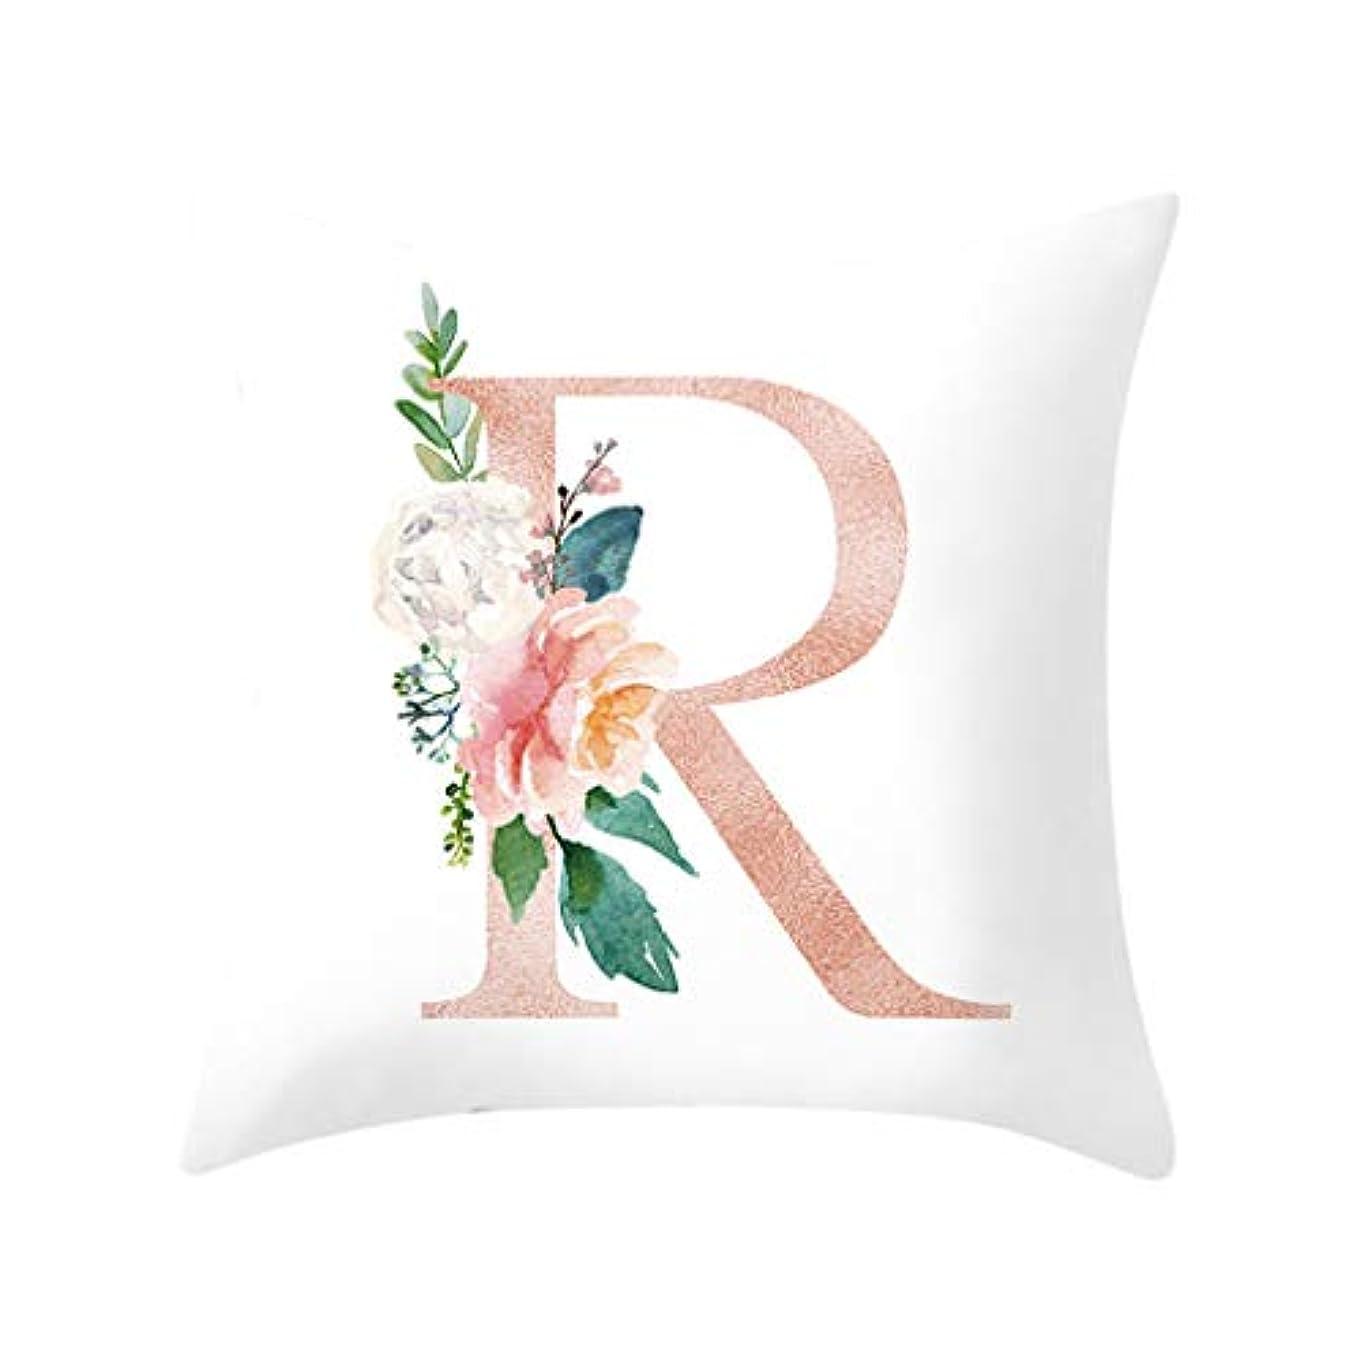 件名マルコポーロカカドゥLIFE 装飾クッションソファ手紙枕アルファベットクッション印刷ソファ家の装飾の花枕 coussin decoratif クッション 椅子